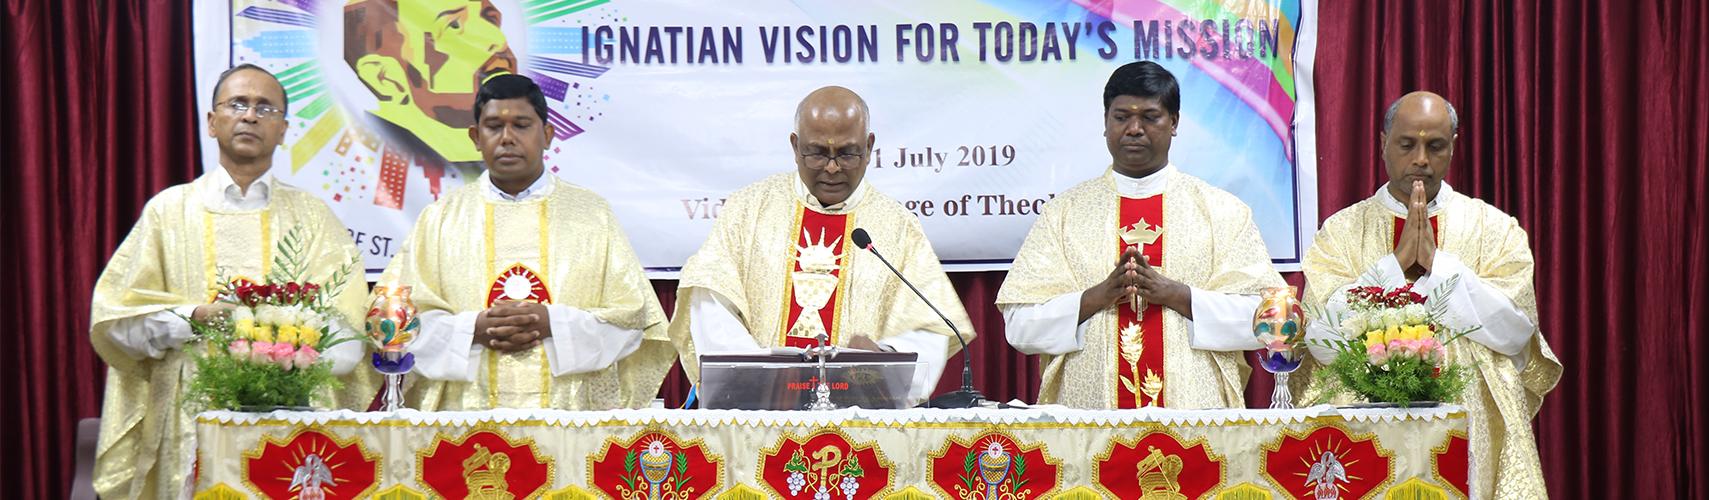 4 Ignatius' Feast